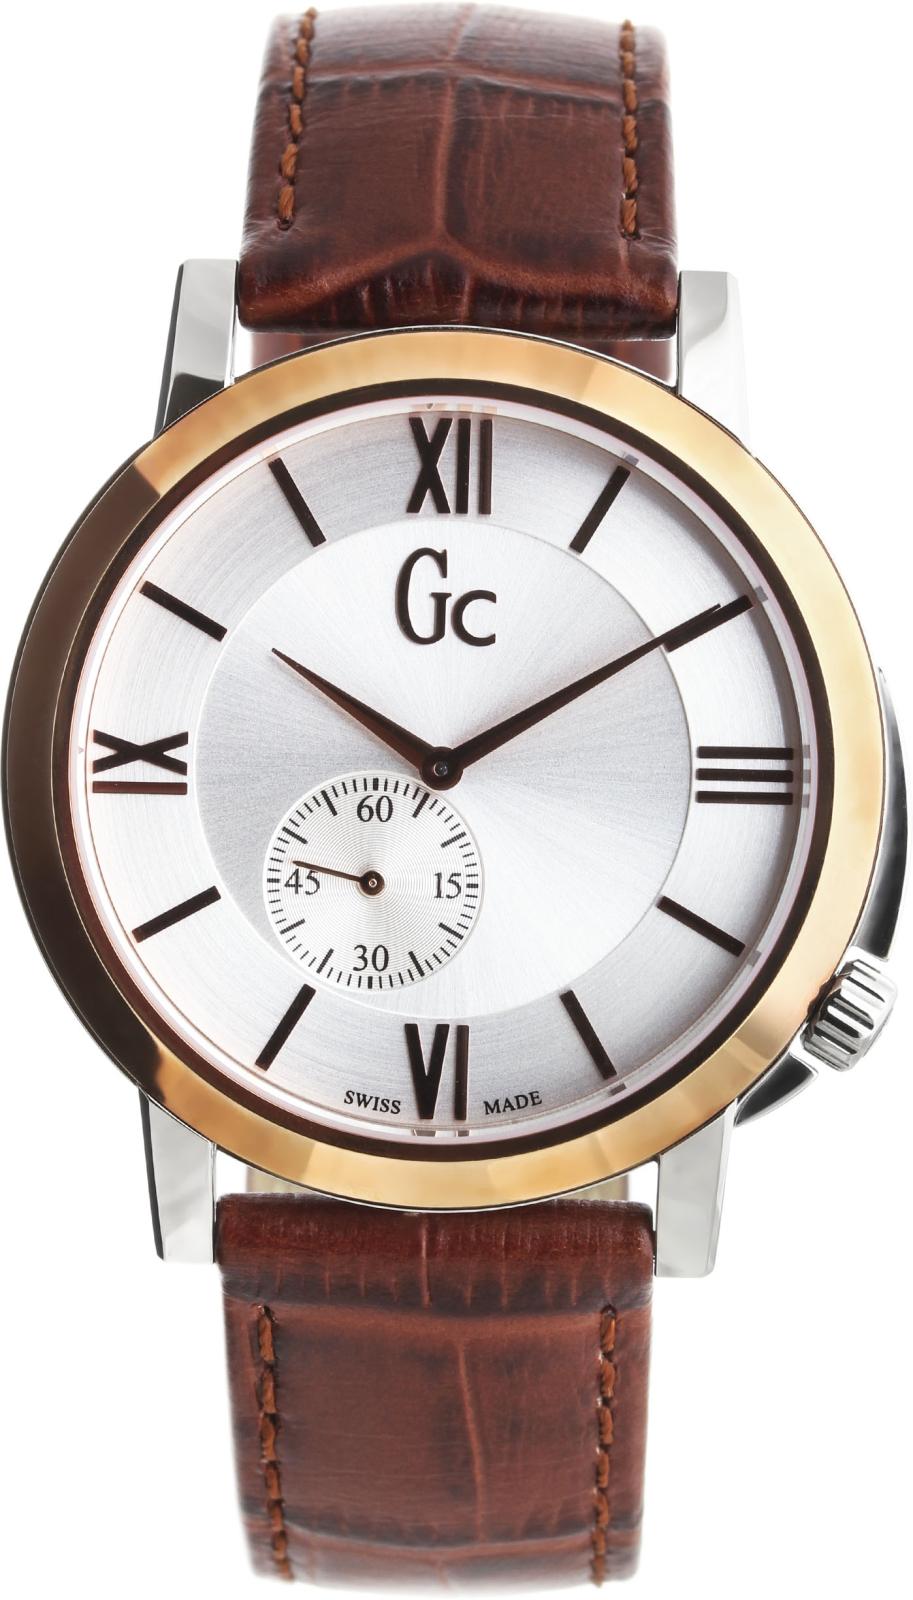 Gc Classic   X59001G1SНаручные часы<br>Швейцарские часы Gc Classic X59001G1SДанная модель входит в коллекцию Classic . Это мужские часы. Материал корпуса часов &amp;mdash; сталь+золото. Циферблат часов защищает сапфировое стекло. Водозащита этой модели 50 м.<br><br>Пол: Мужские<br>Страна-производитель: Швейцария<br>Механизм: Кварцевый<br>Материал корпуса: Сталь+Золото<br>Материал ремня/браслета: Кожа<br>Водозащита, диапазон: 20 - 100 м<br>Стекло: Сапфировое<br>Толщина корпуса: None<br>Стиль: None